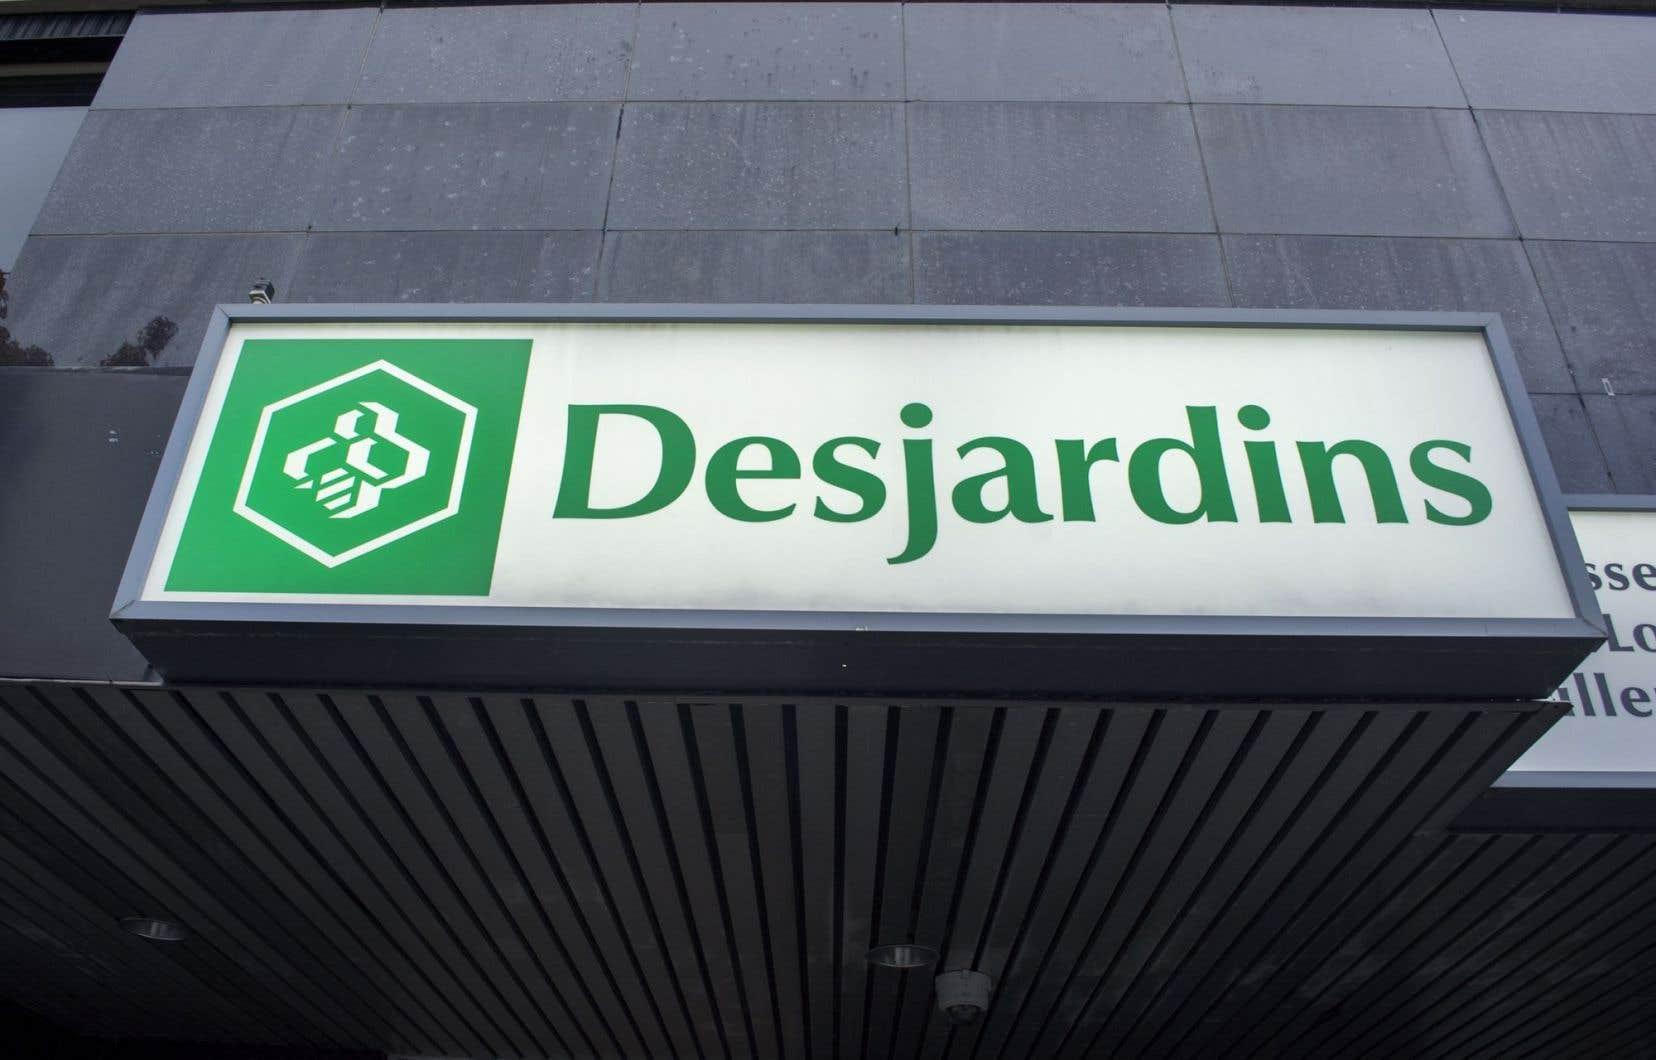 Desjardins a pris la décision de regrouper ses services à Forestville, à 25 kilomètres de là. On invoque la faible utilisation des points de services et l'augmentation des transactions sur le Web.